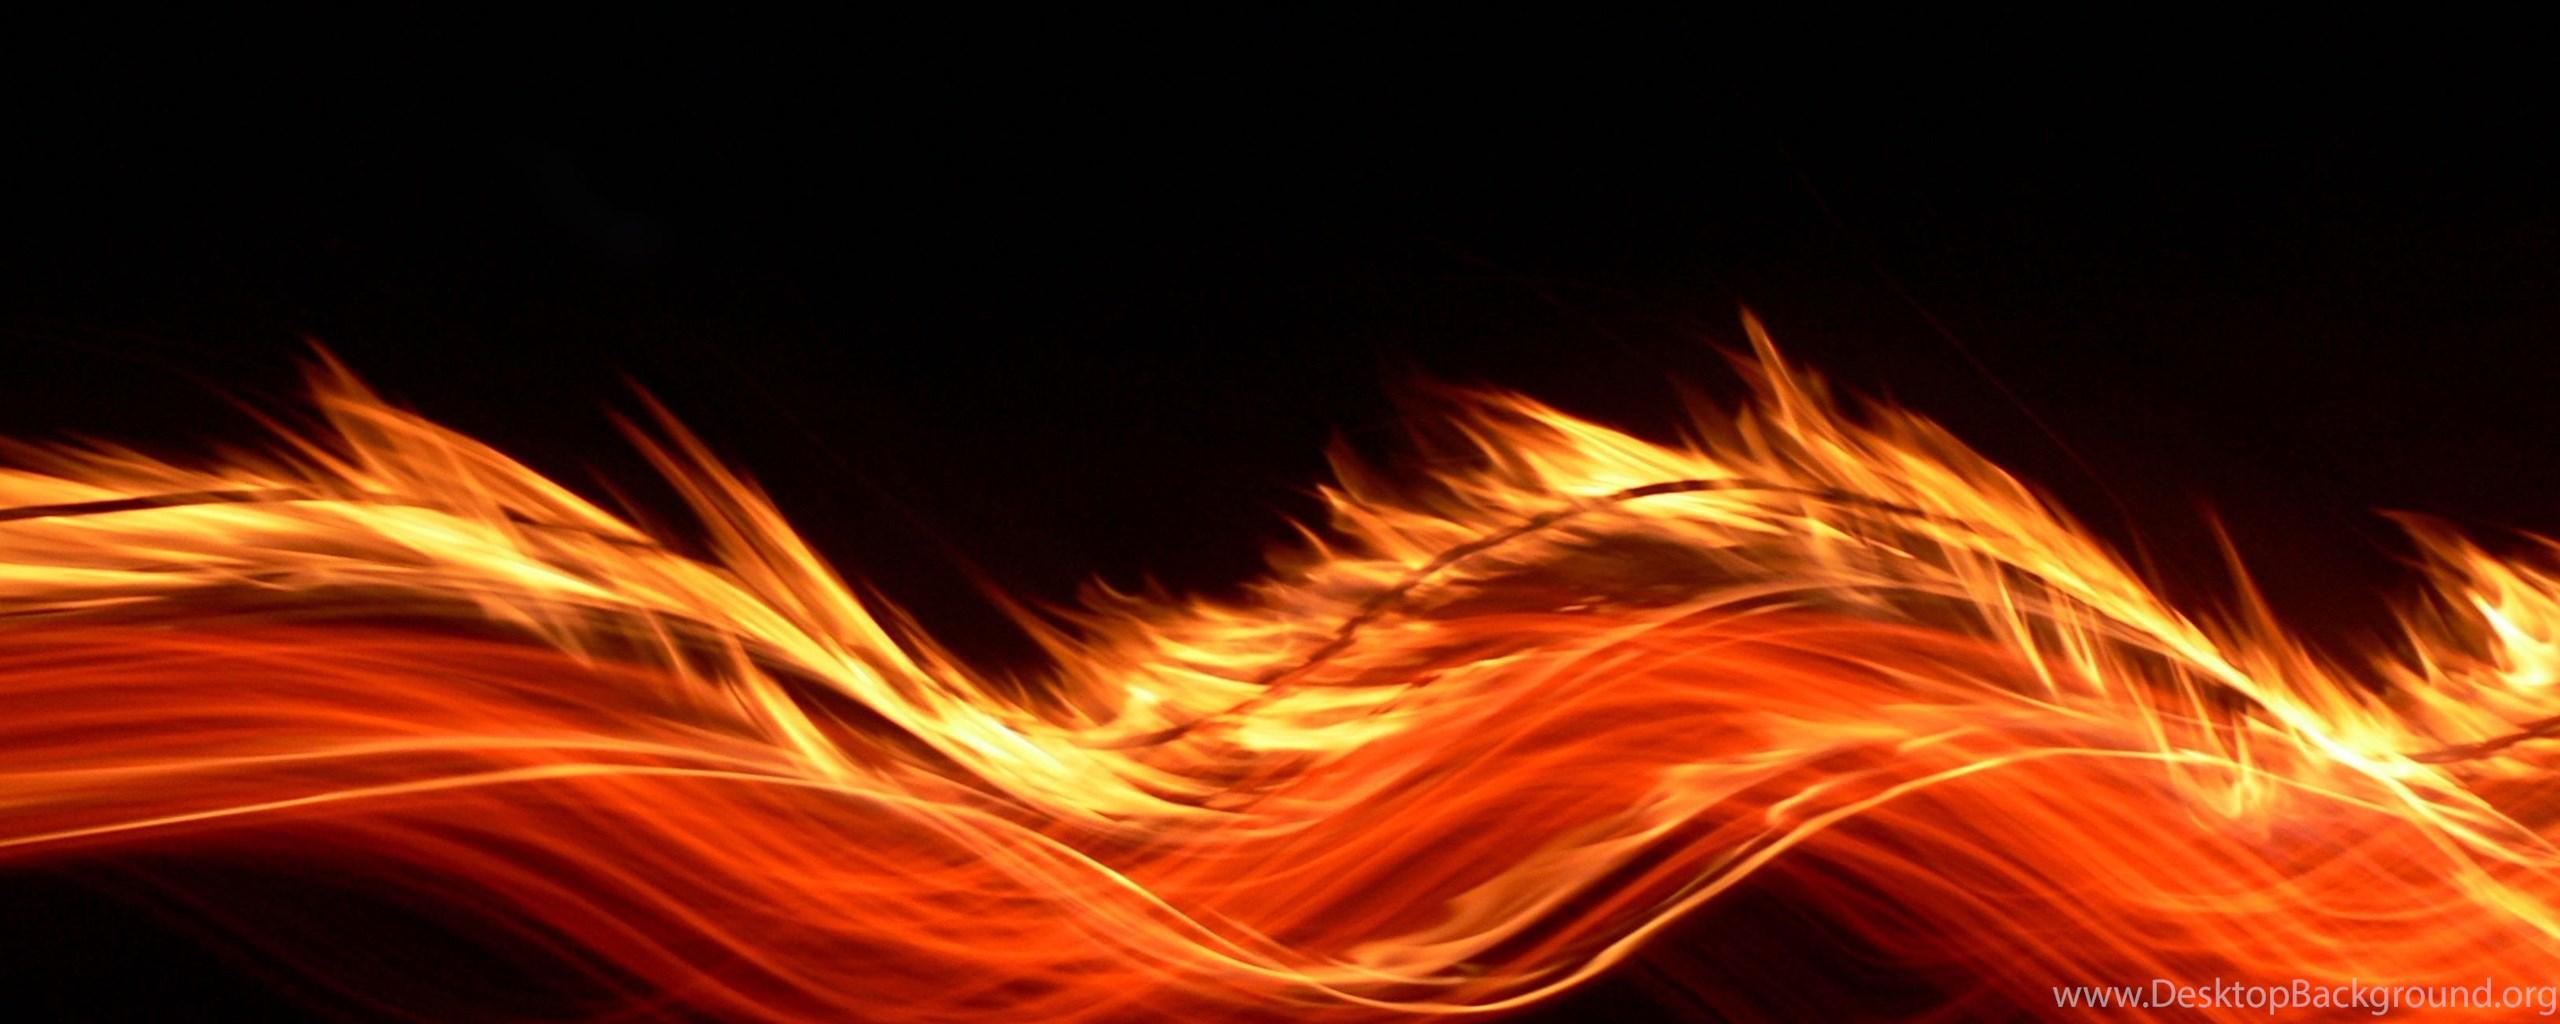 качелями картинка полоски в огне содержат различные добавки